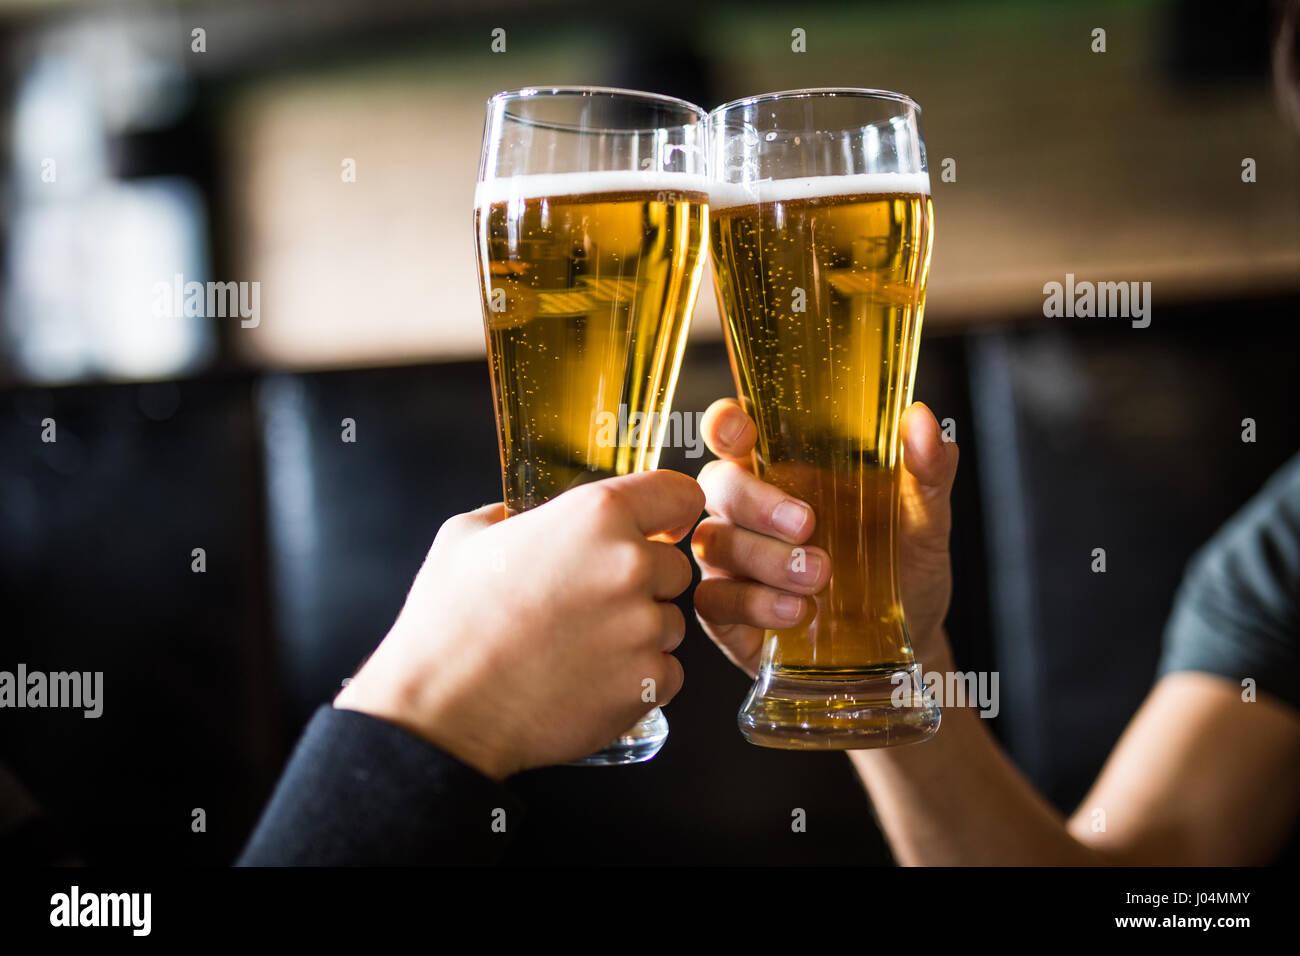 Gli uomini cheers con la birra in bicchieri nel pub. Immagini Stock